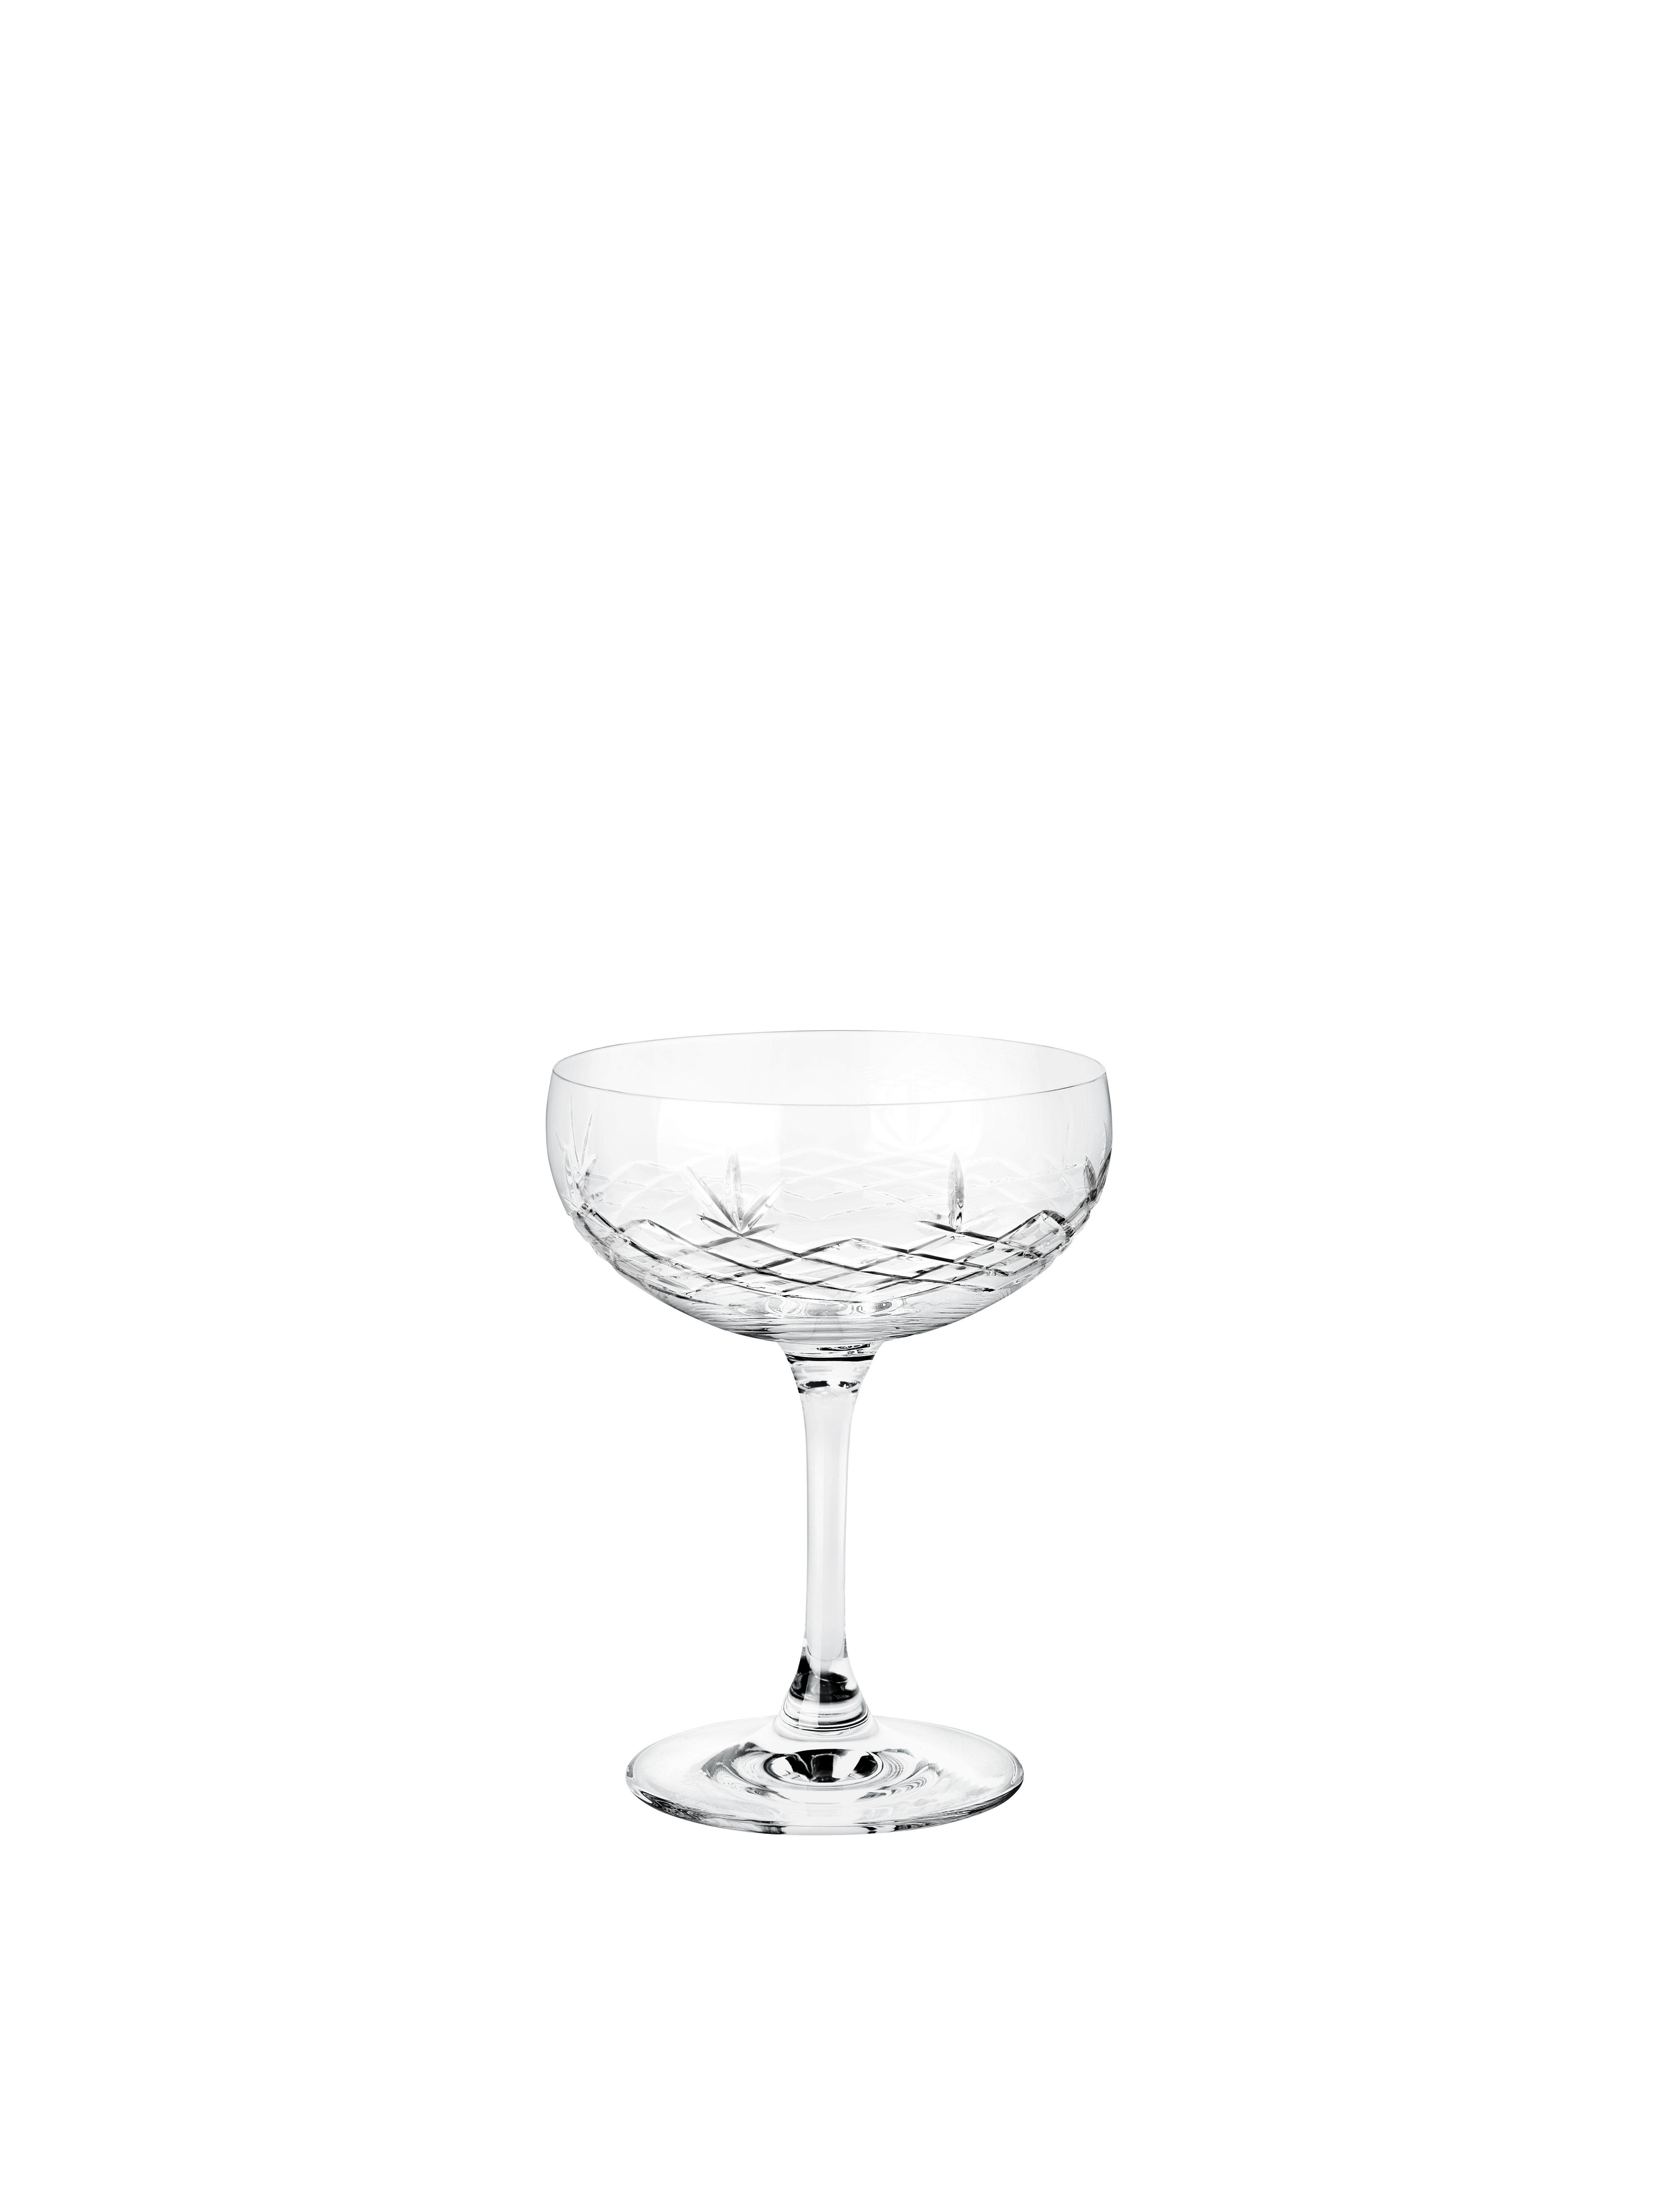 Frederik Bagger Crispy Gatsby champagneglas, 2 stk